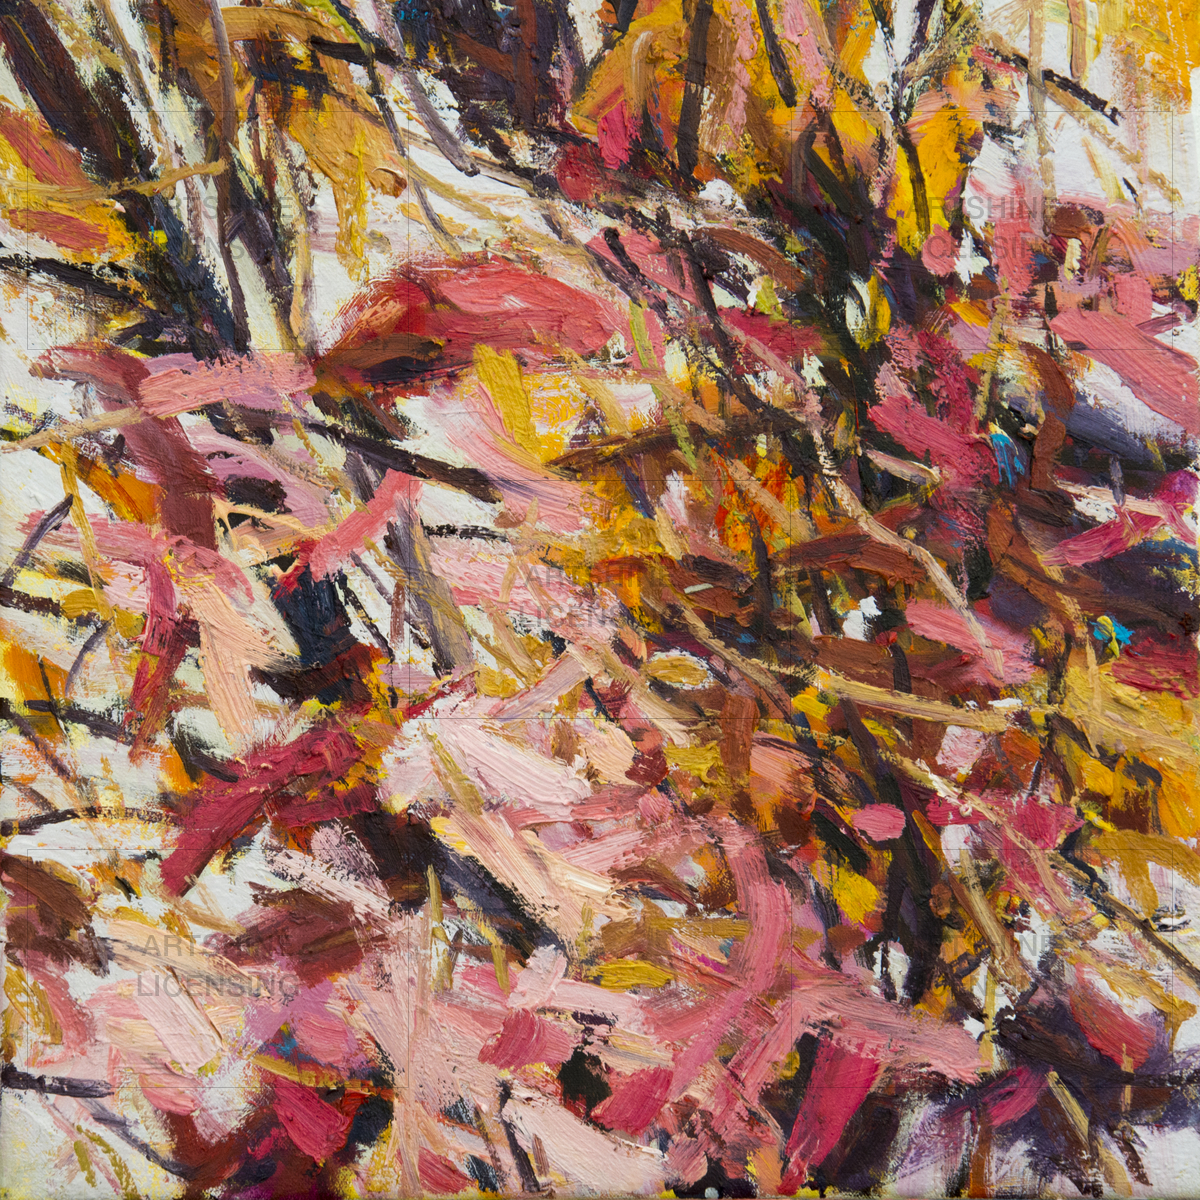 Autumn # 8 - Pink Autumn